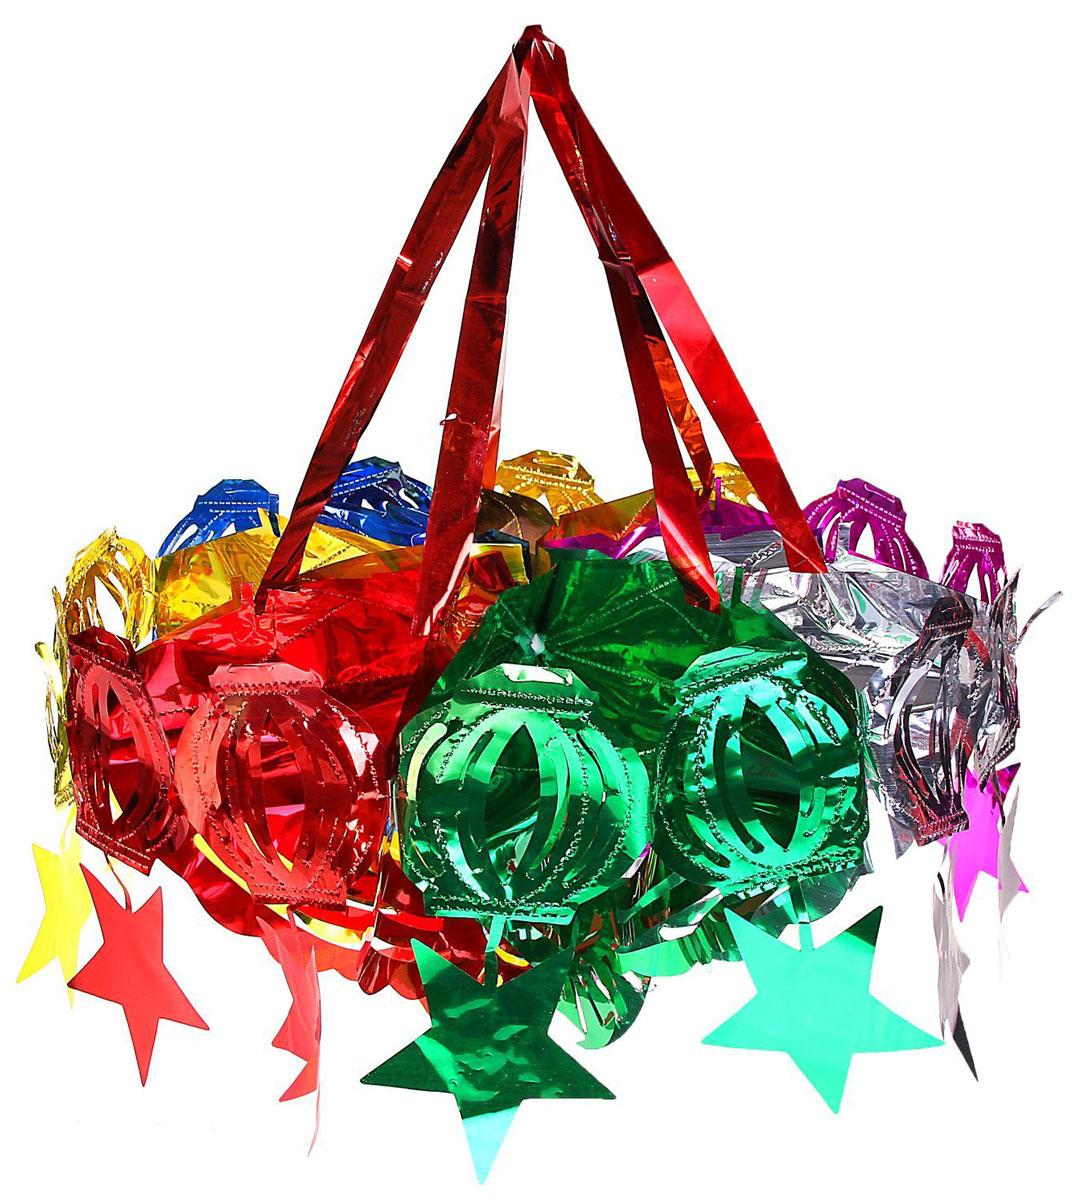 Гирлянда-фонарик Звезды452417Невозможно представить нашу жизнь без праздников! Мы всегда ждем их и предвкушаем, обдумываем, как проведем памятный день, тщательно выбираем подарки и аксессуары, ведь именно они создают и поддерживают торжественный настрой. Новогодние аксессуары — это отличный выбор, который привнесет атмосферу праздника в ваш дом!